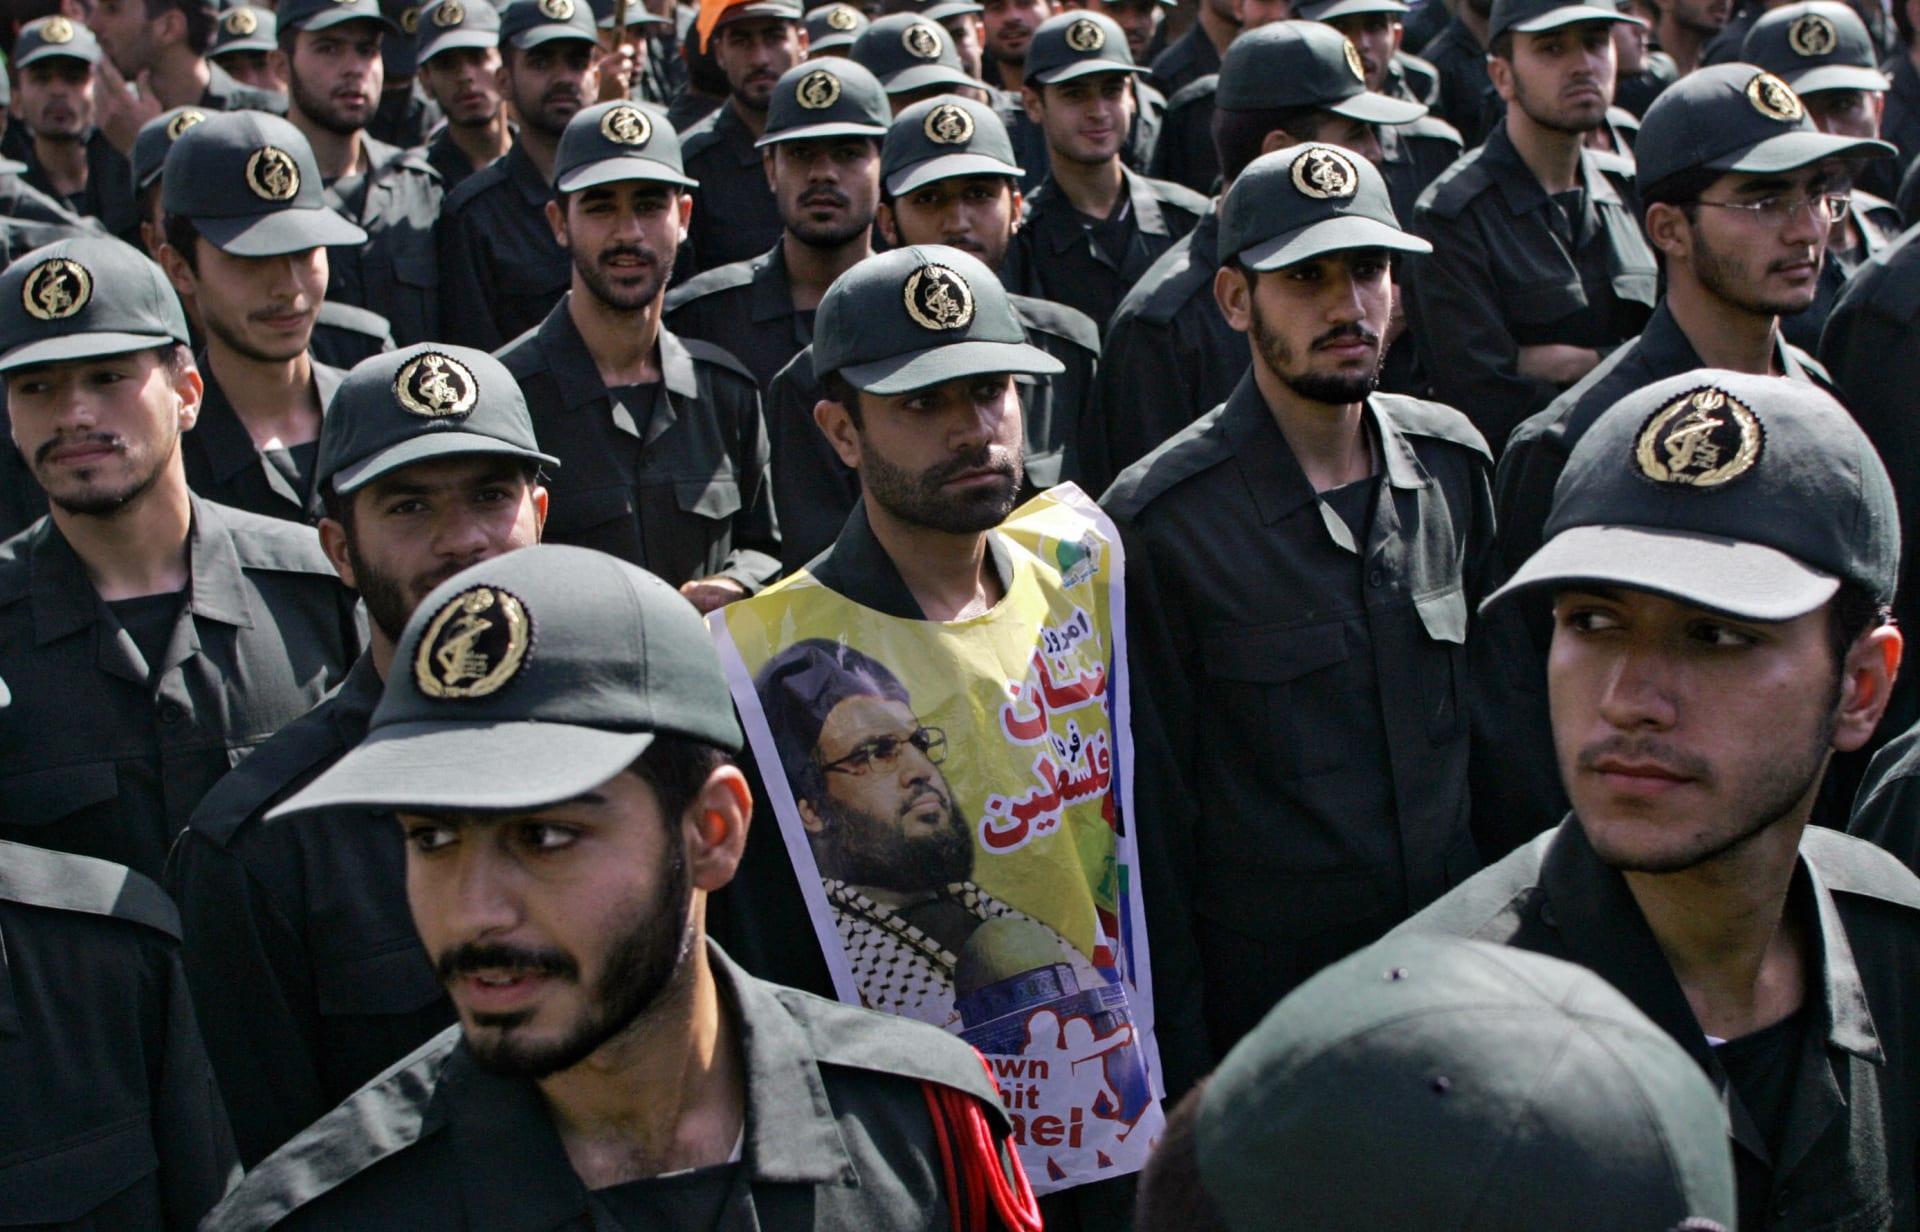 الحرس الثوري الإيراني: حزب الله يملك 100 ألف صاروخ ونملك أضعاف ذلك.. وجعفري: اخشوا هدير صواريخنا